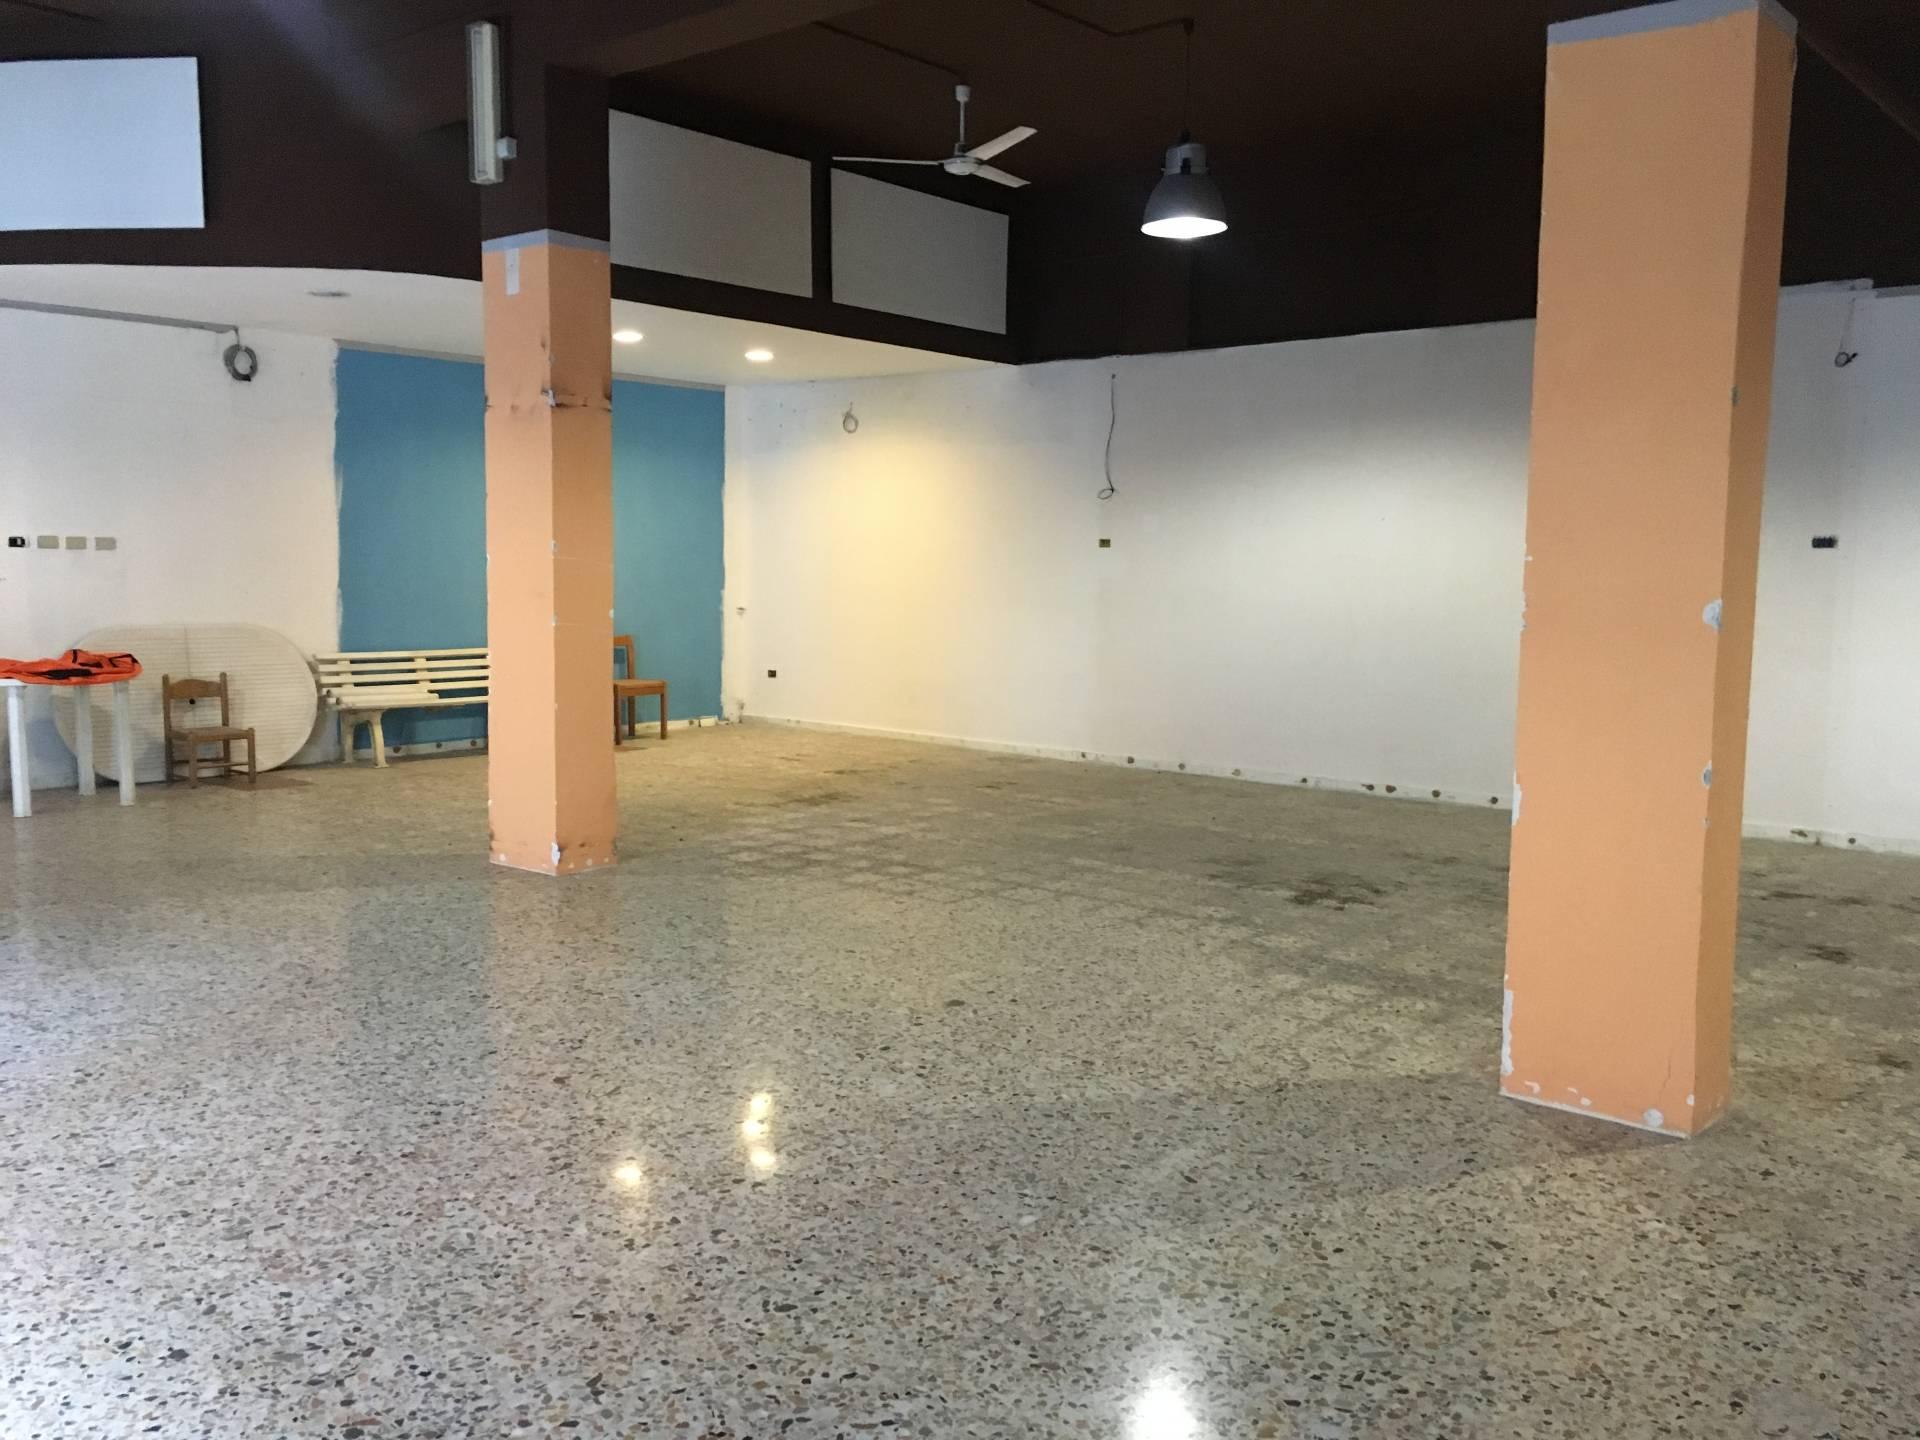 Negozio / Locale in vendita a Ottaviano, 9999 locali, prezzo € 145.000 | CambioCasa.it